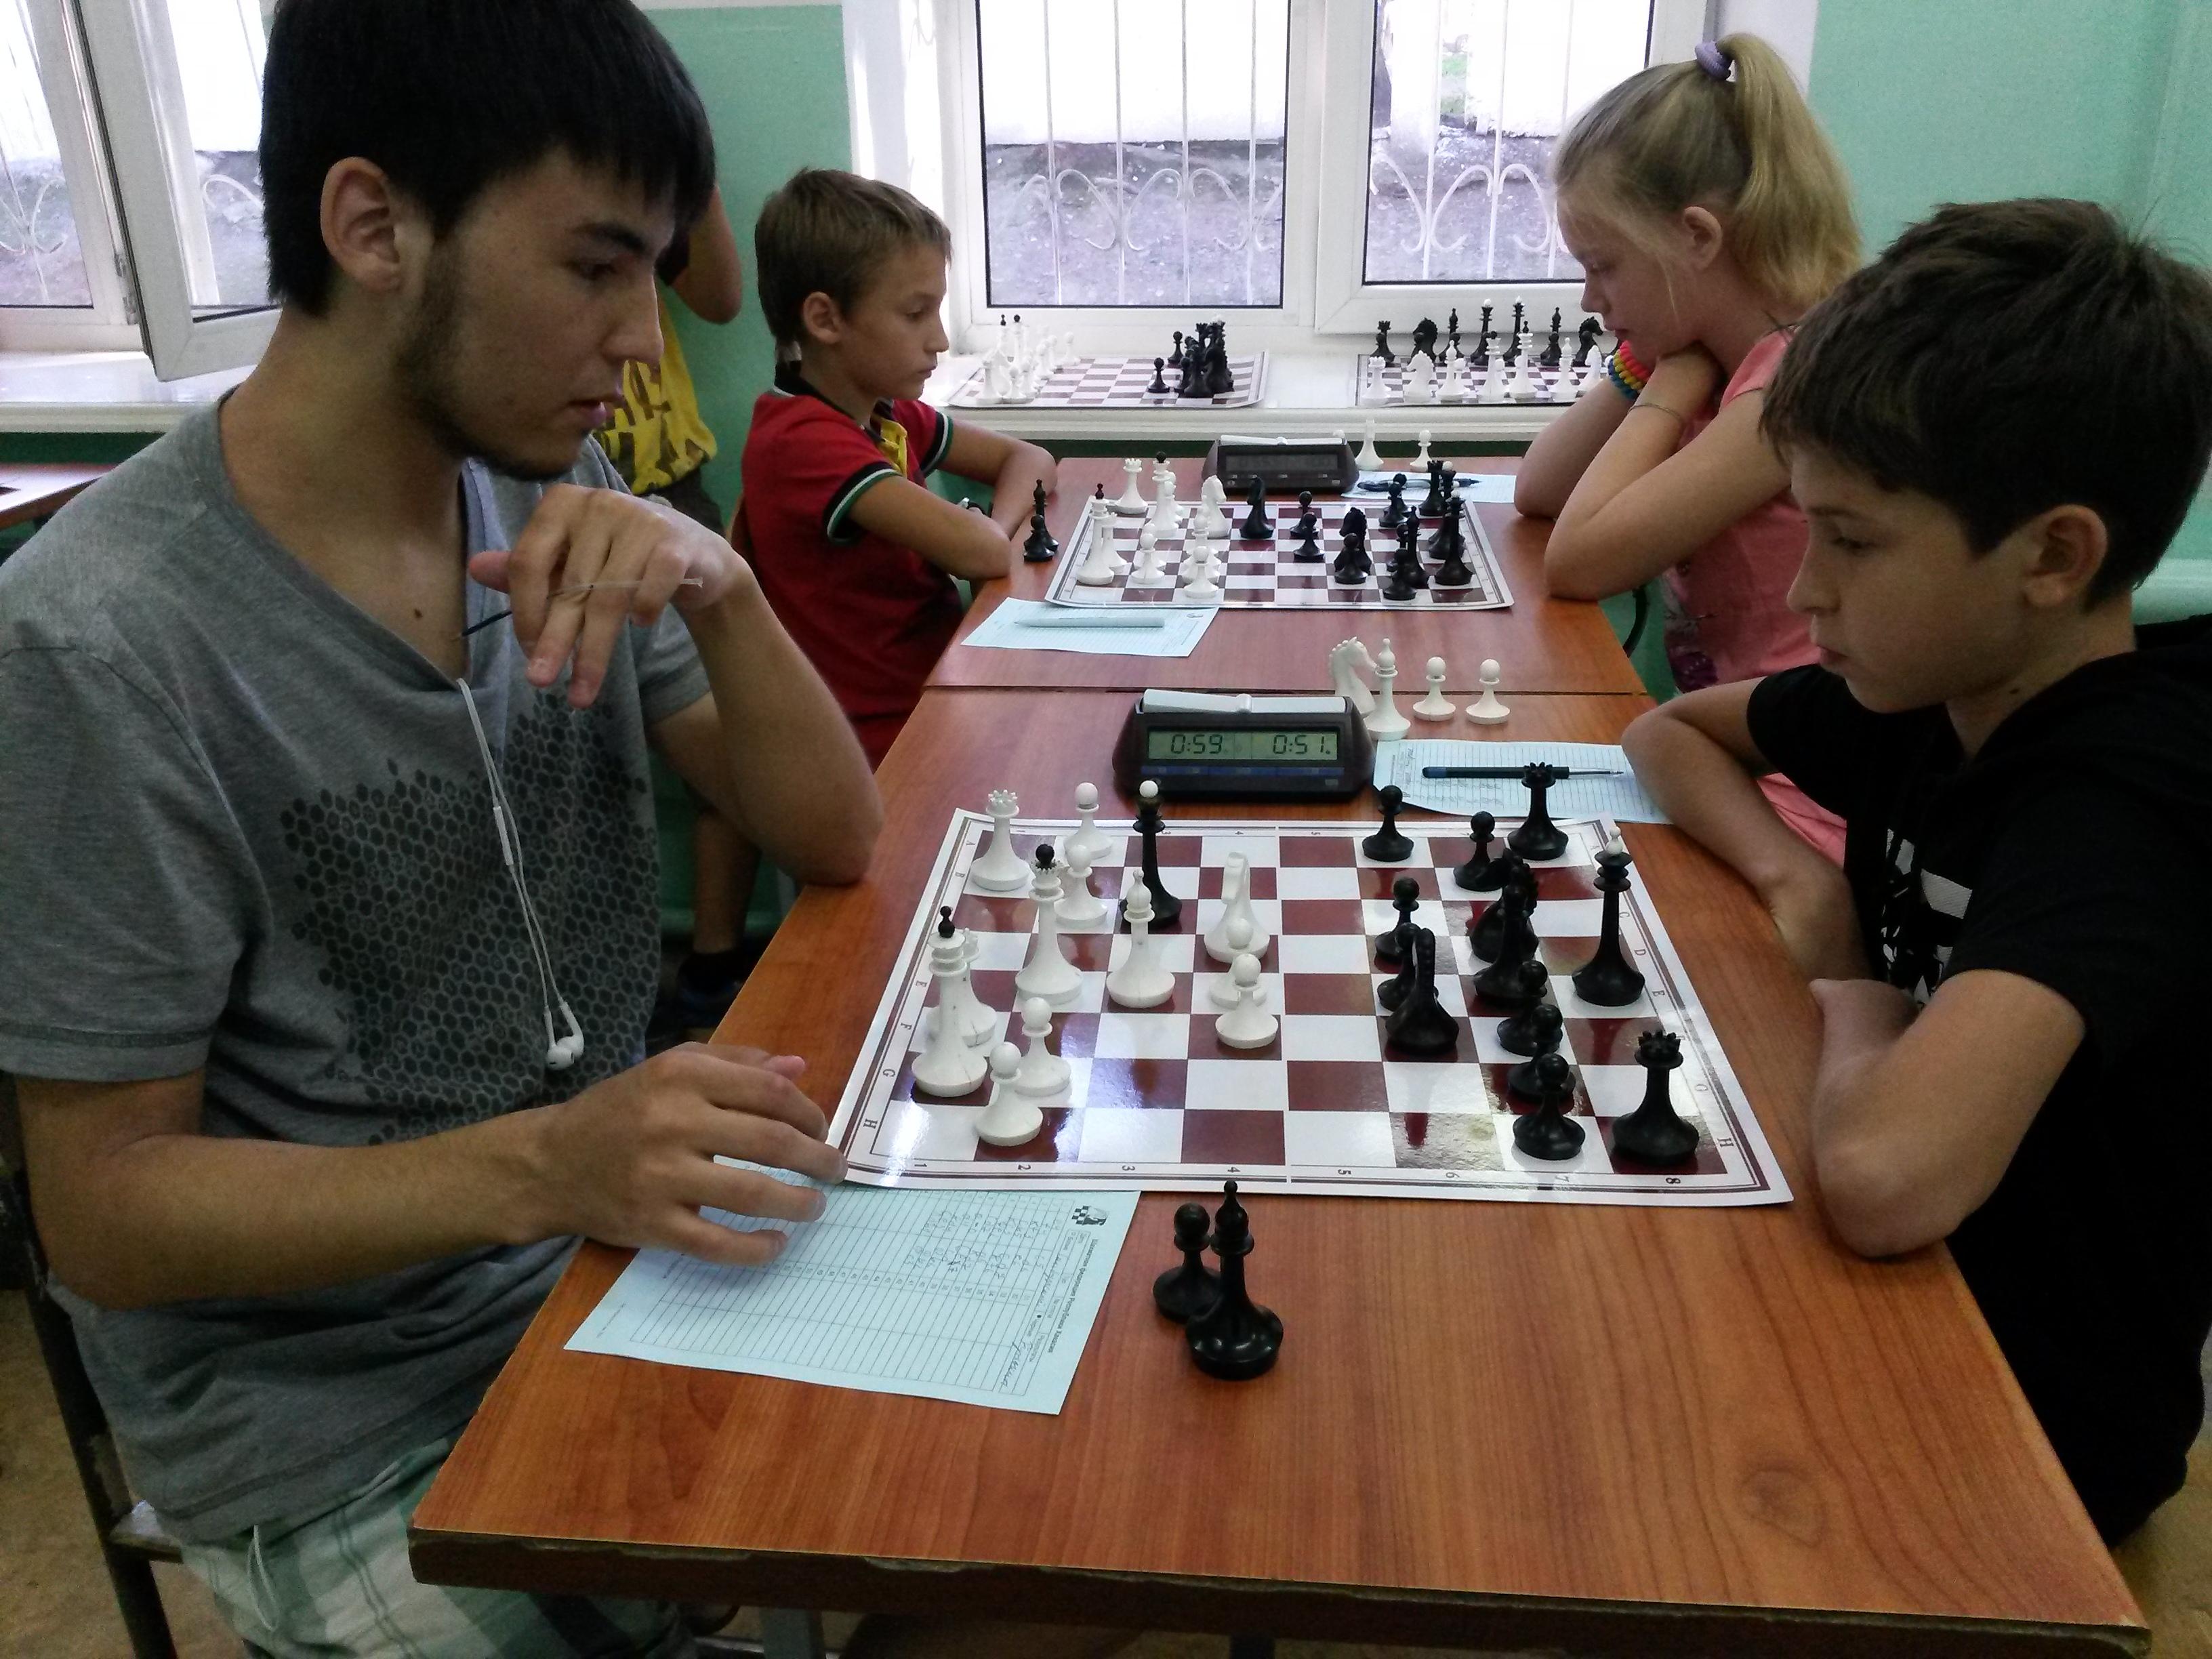 На переднем плане партия Самбурский - Гунькин,на дальнем Завьялов - Бабушкина